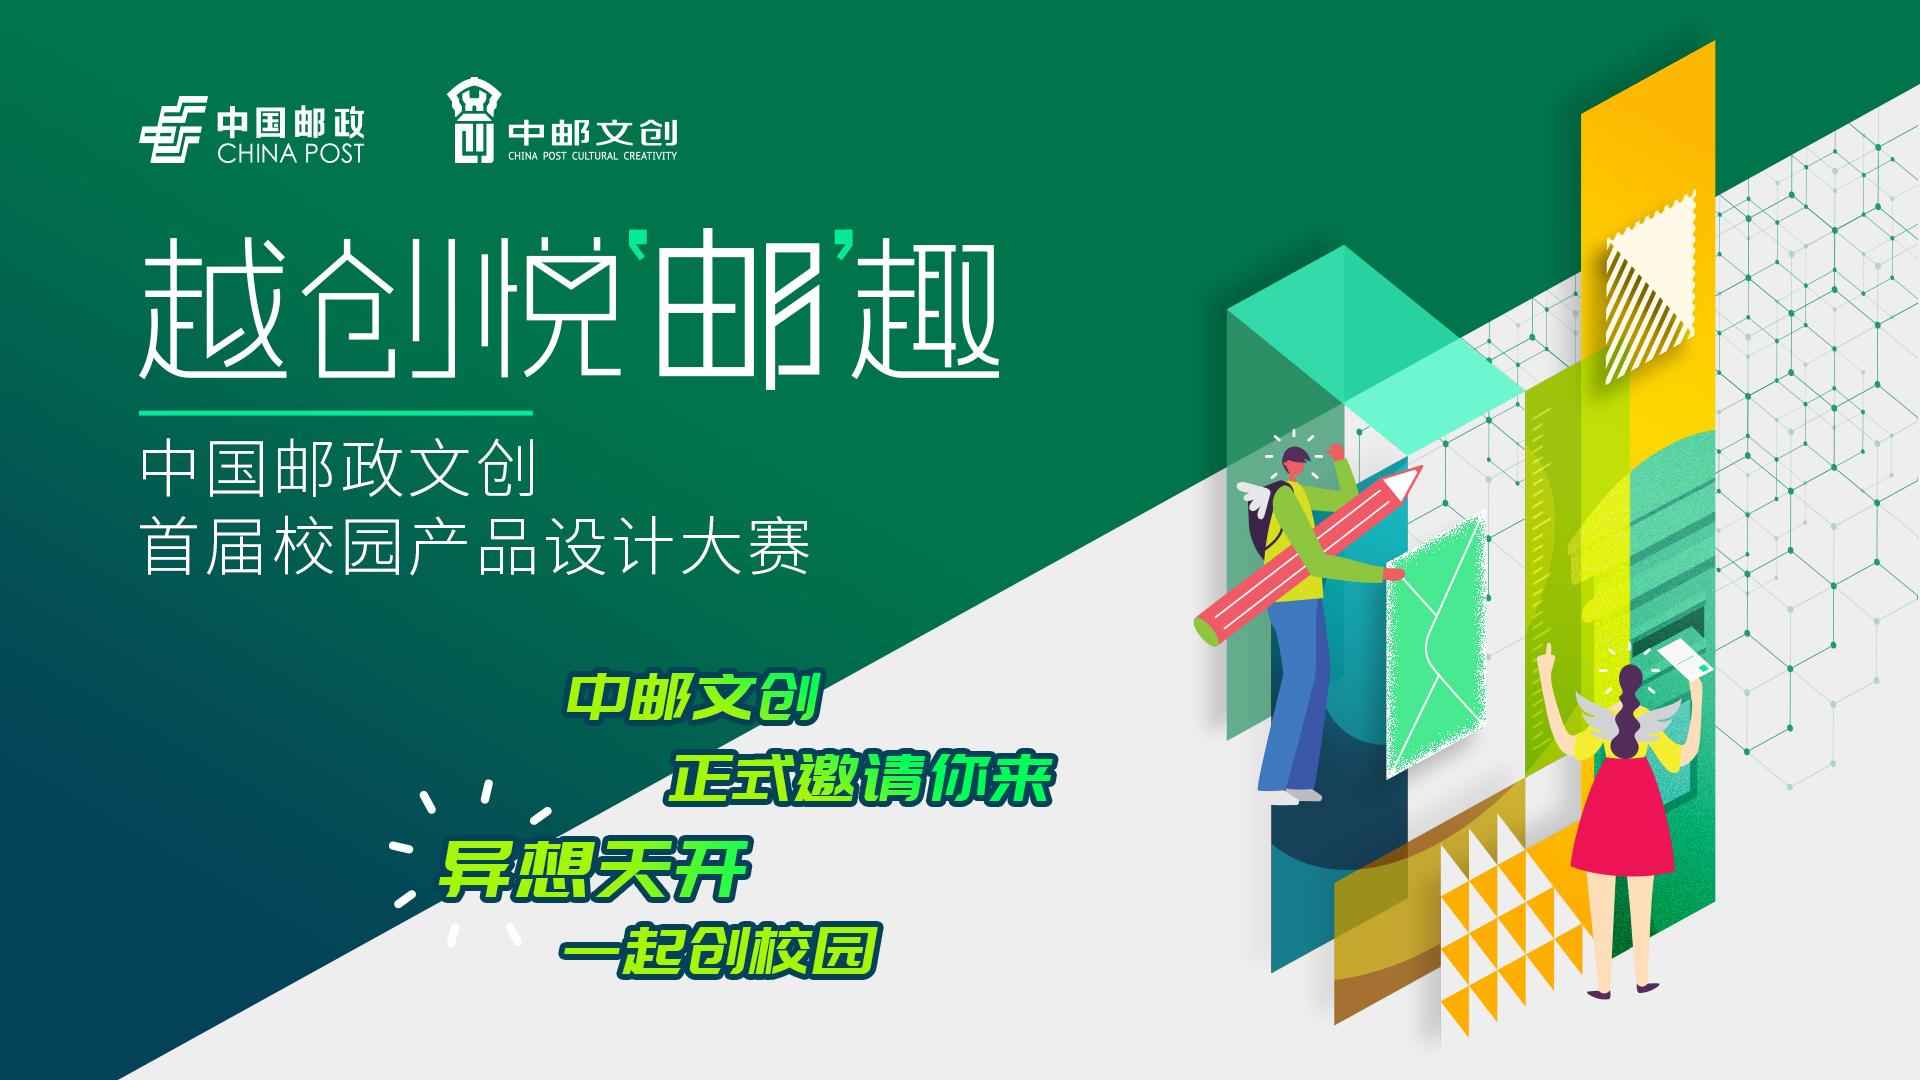 百事注册:中国邮政文创首届校园产品设计大赛